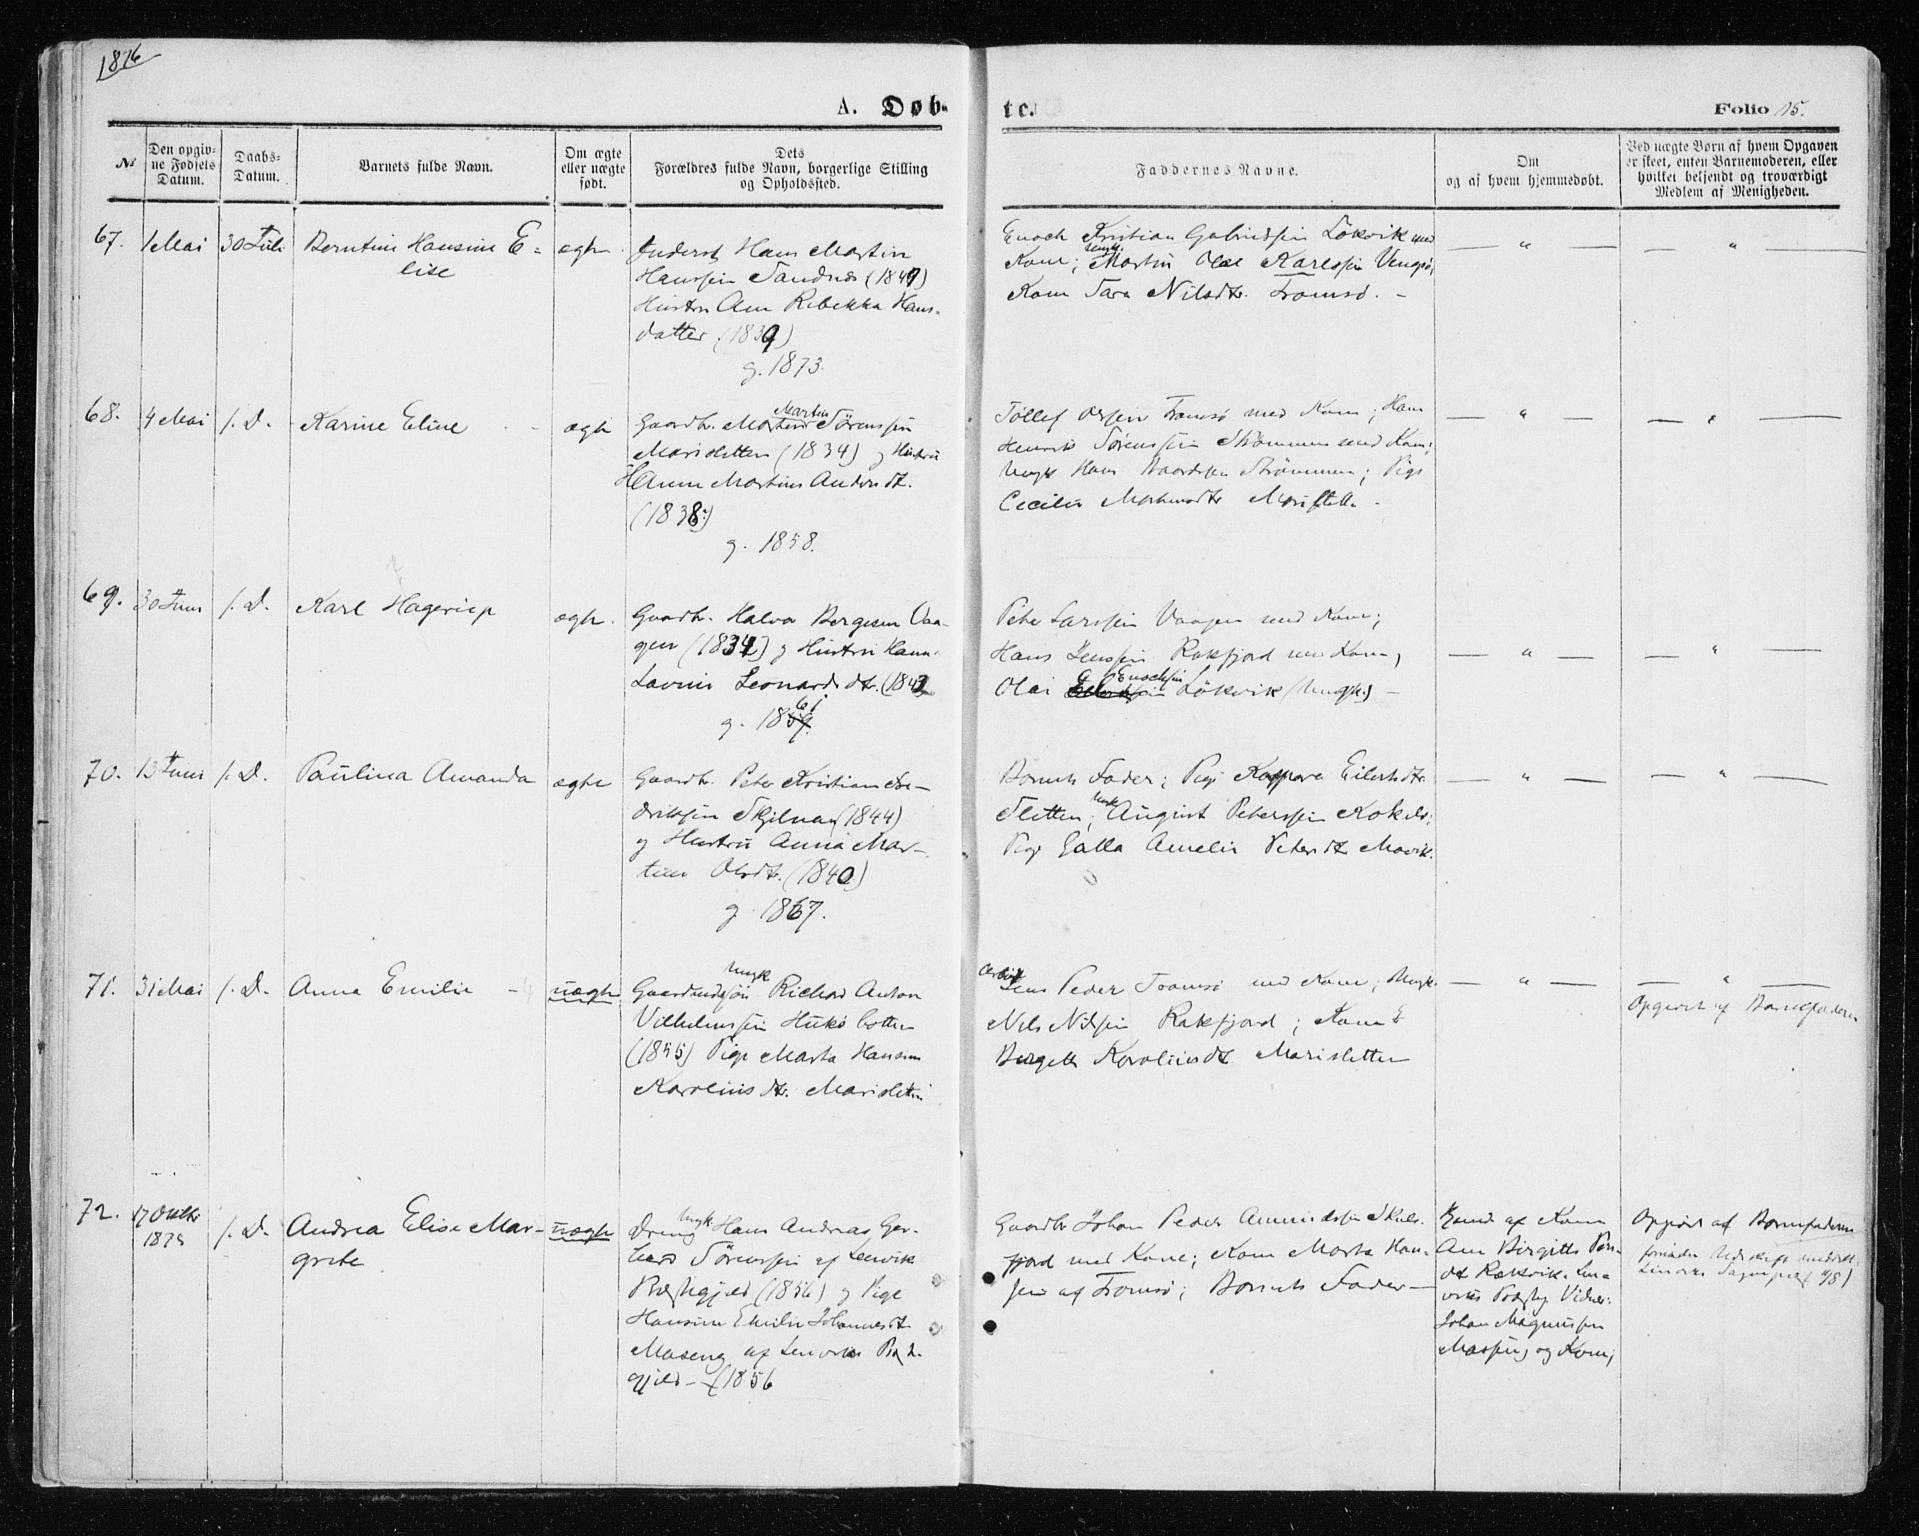 SATØ, Tromsøysund sokneprestkontor, G/Ga/L0003kirke: Ministerialbok nr. 3, 1875-1880, s. 15